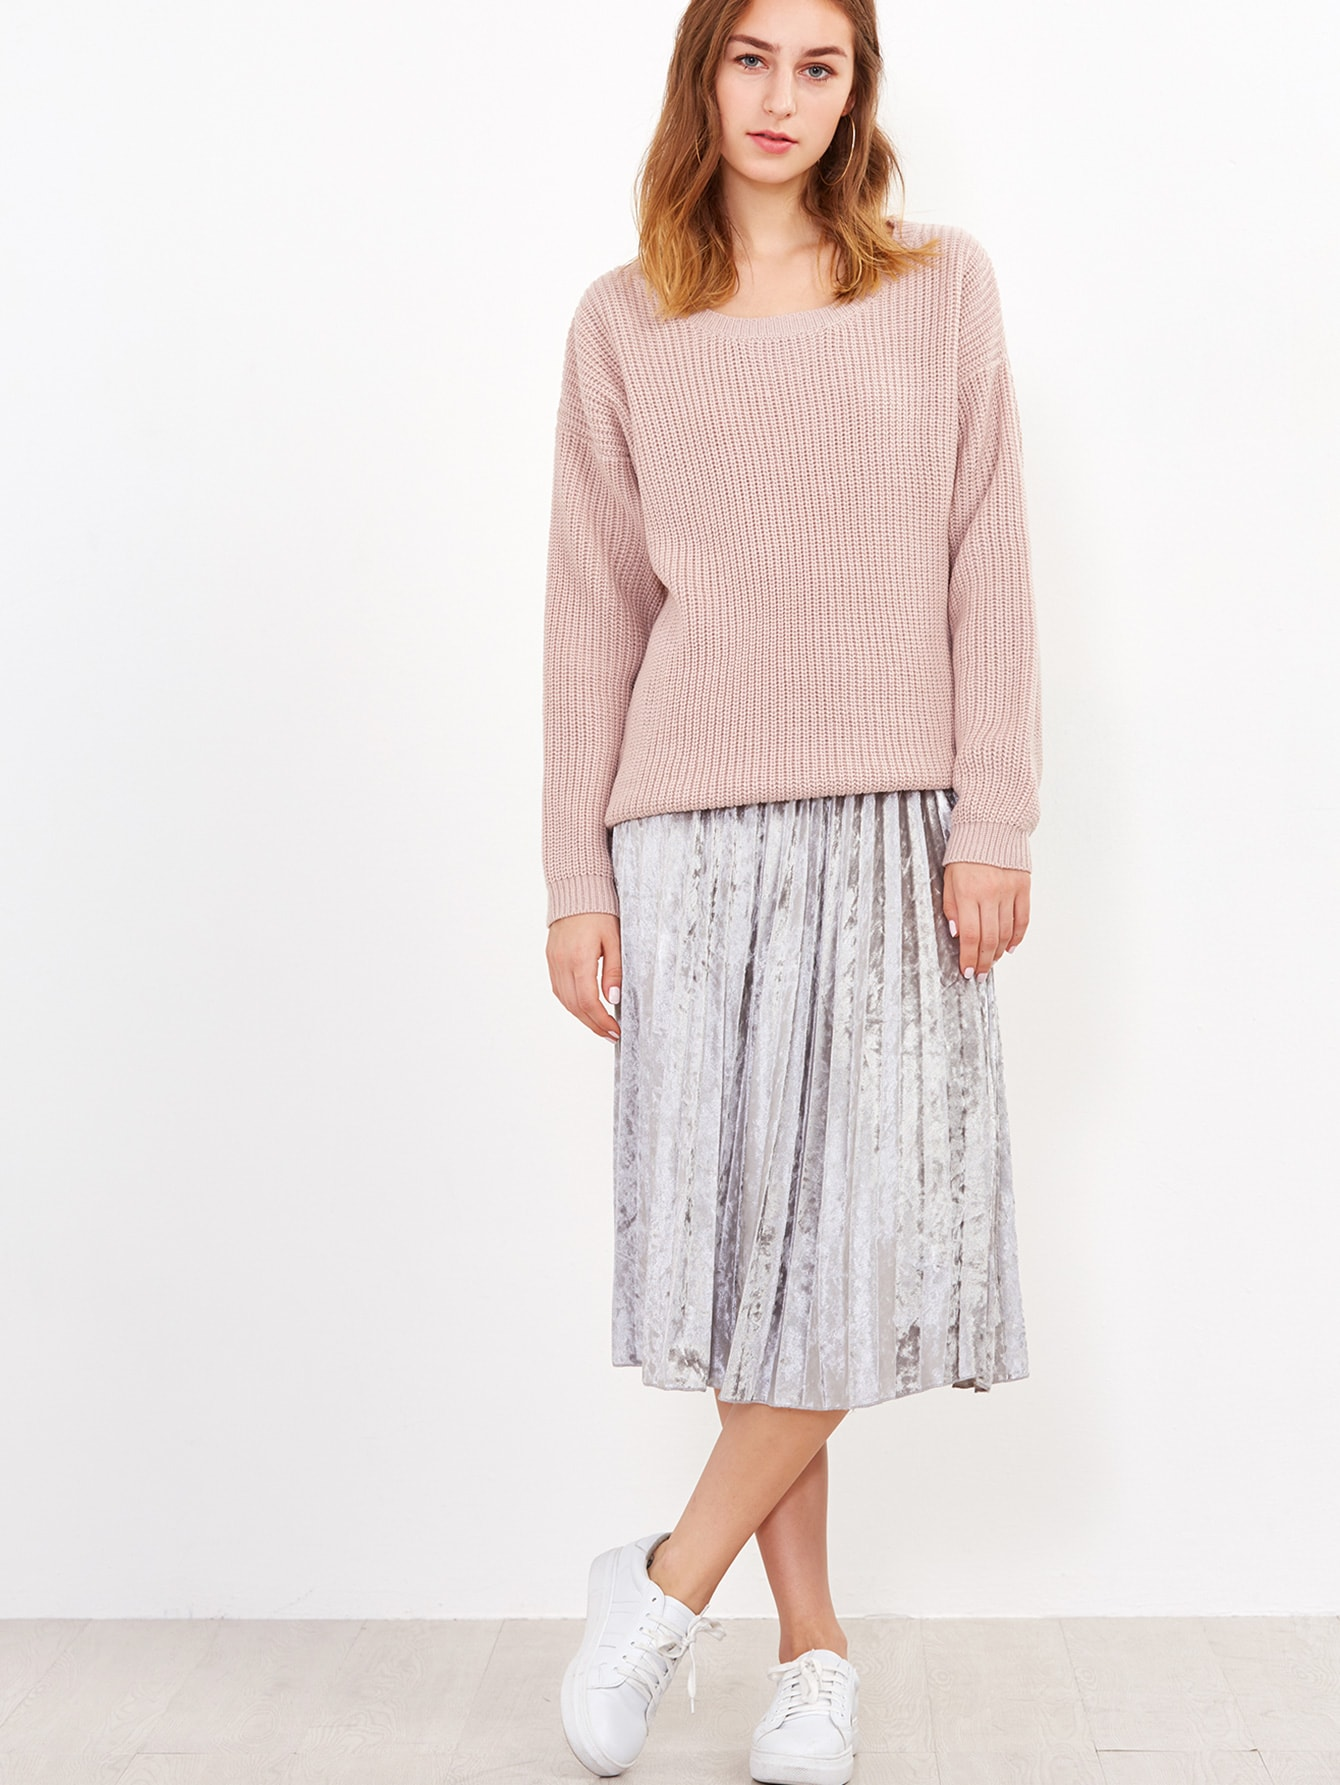 skirt161018001_2